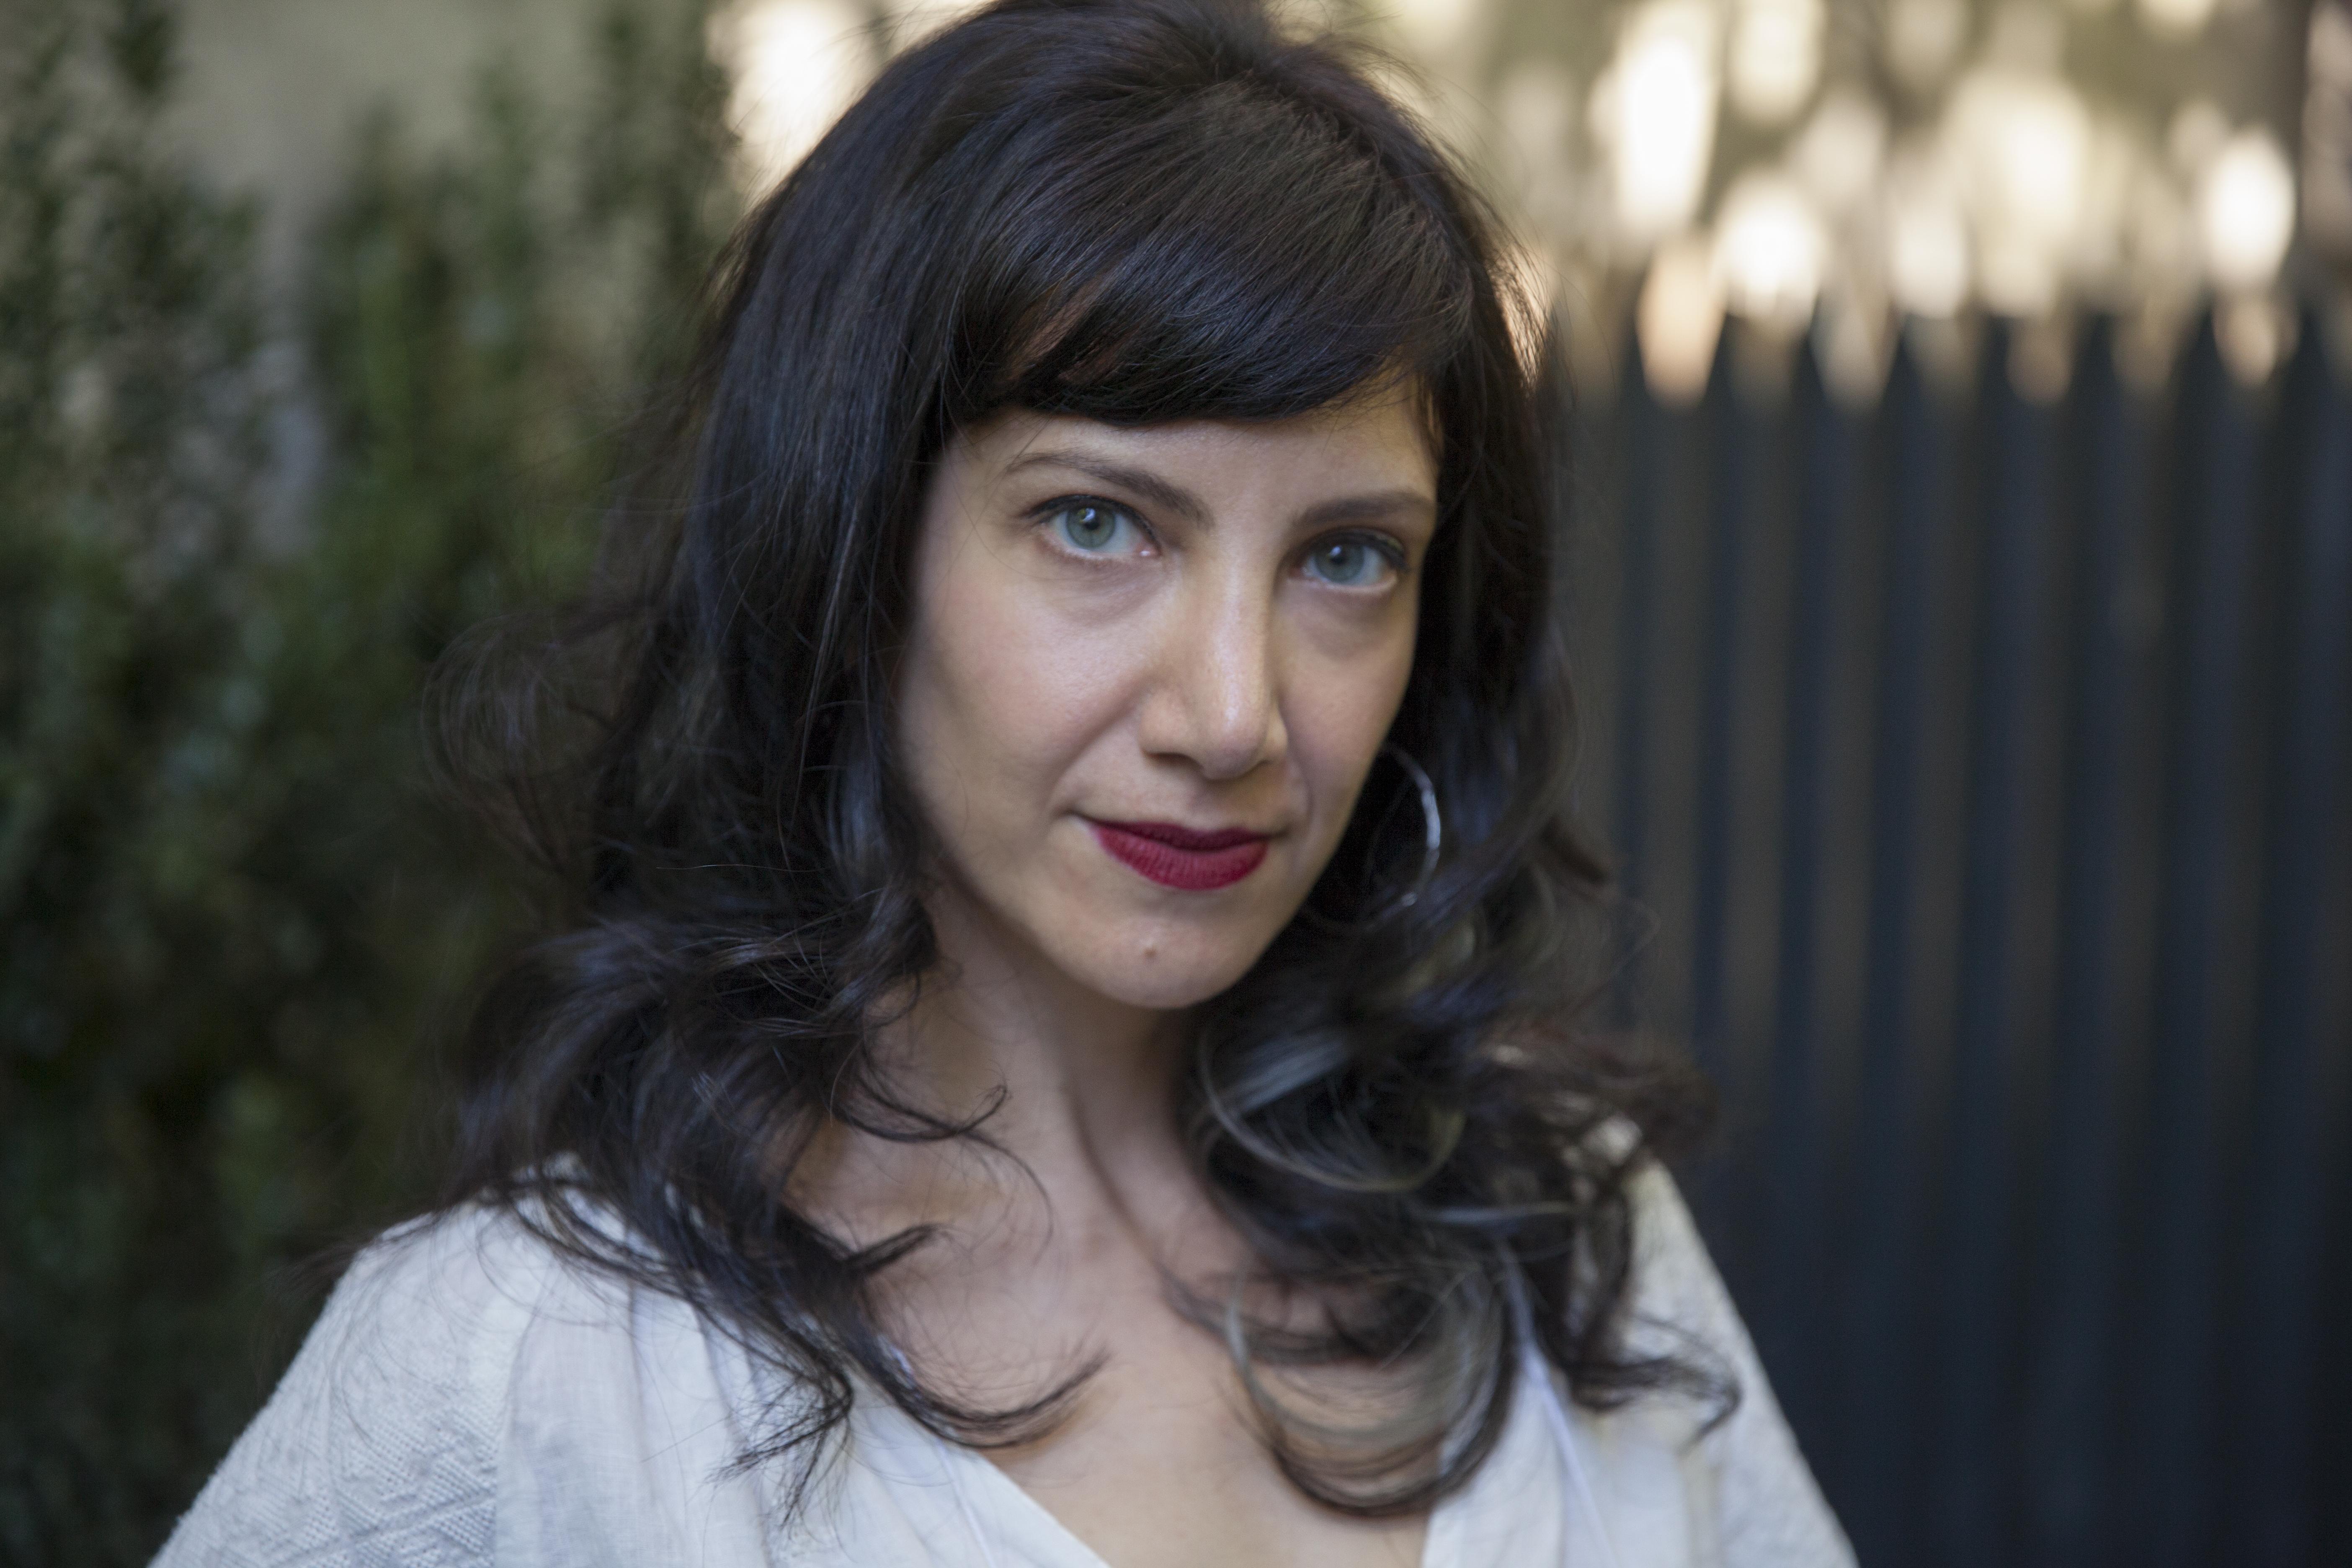 Iris Martin Cohen